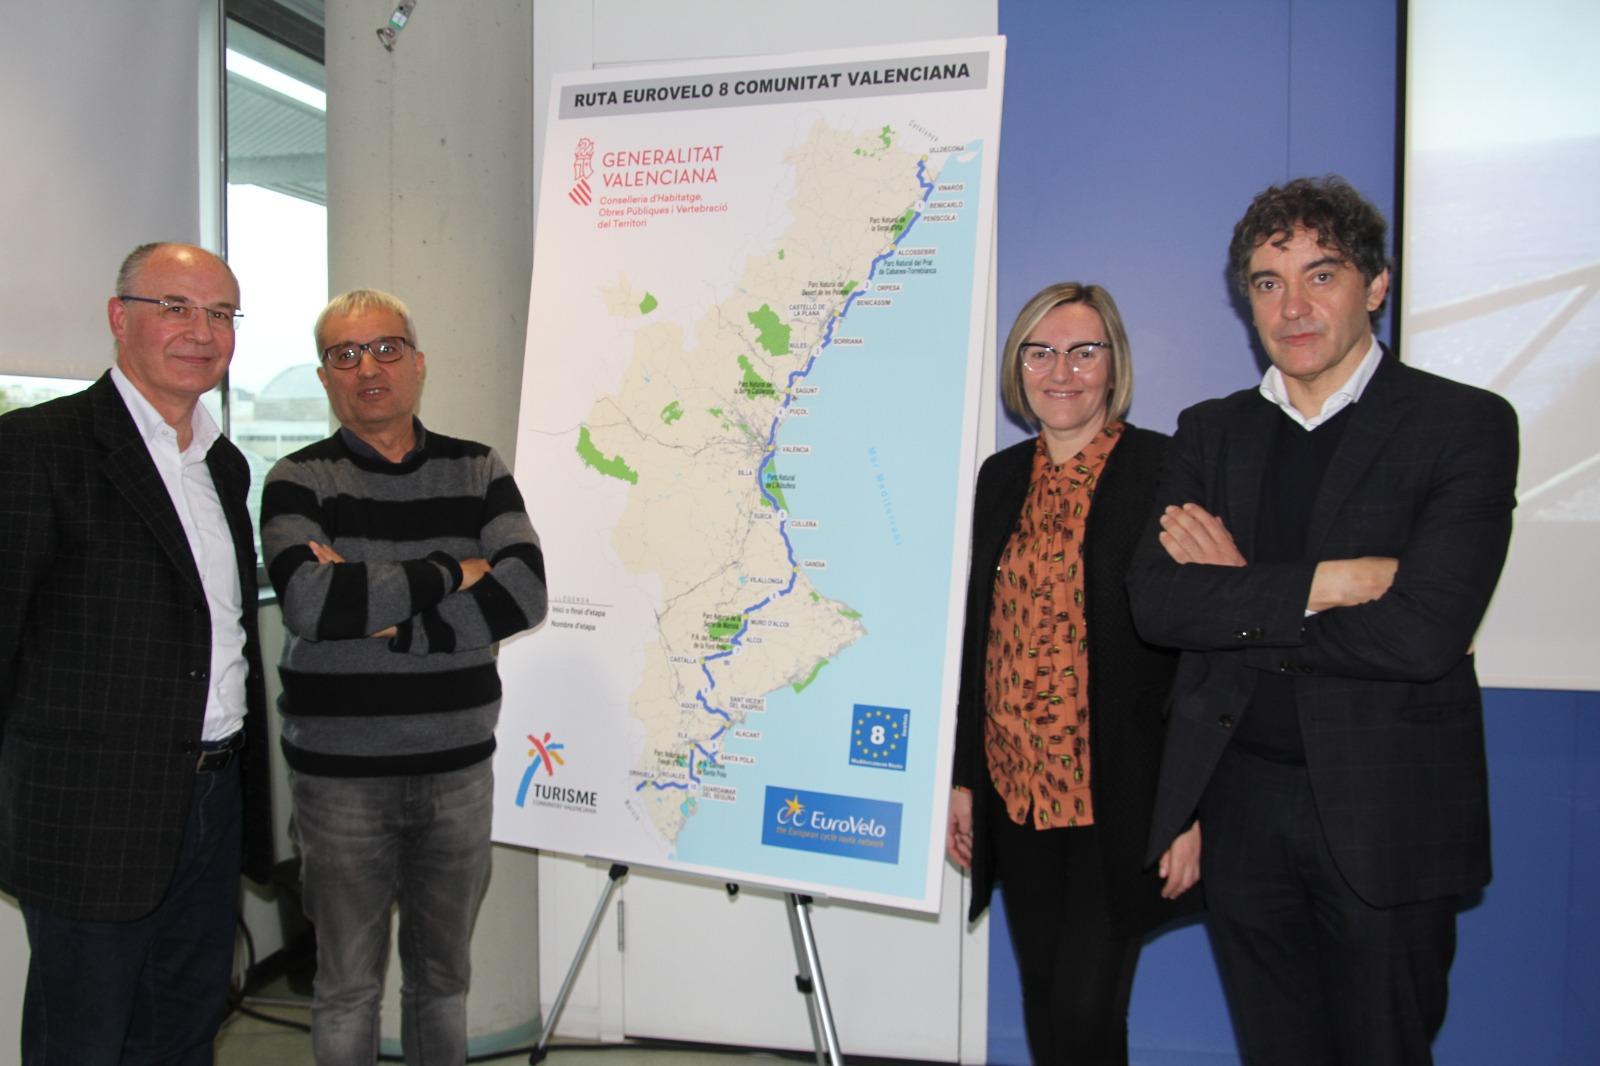 """La Generalitat presenta l""""itinerari cicloturístic europeu EuroVelo, amb més de 500 quilòmetres que discorren per la Comunitat Valenciana"""